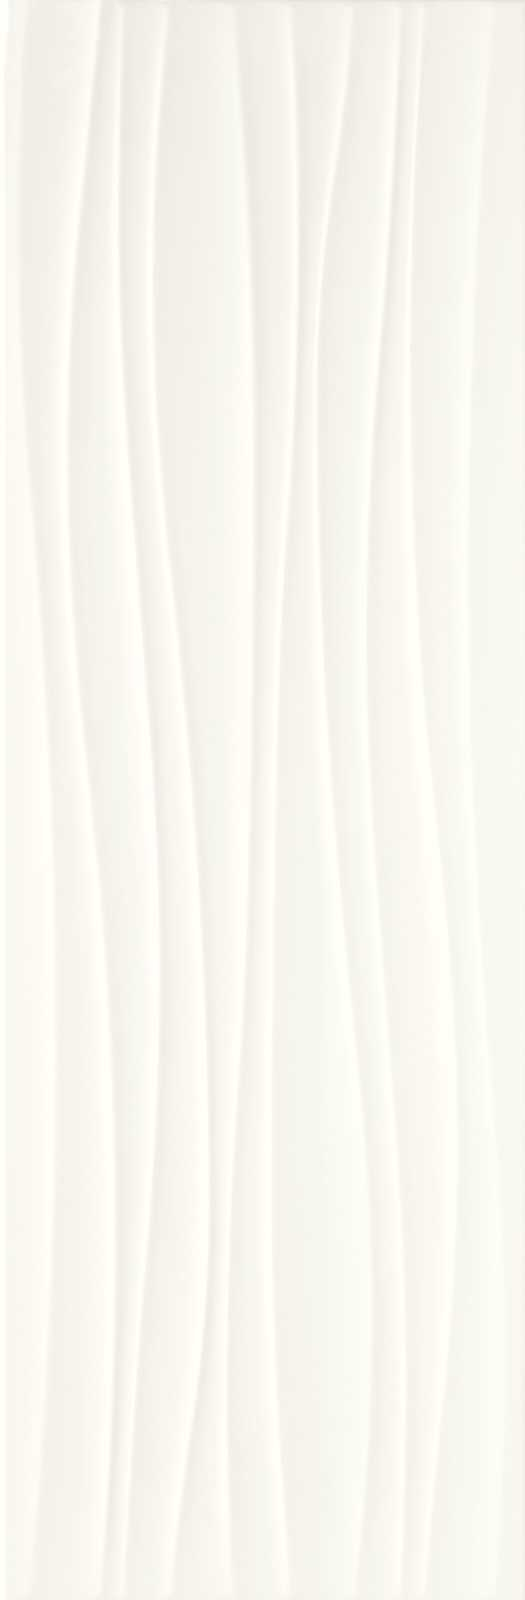 ABSOLUTE WHITE STRUTTURA TWIST 3D SATINATO 250X760  - (Euro/Mq 25,62)